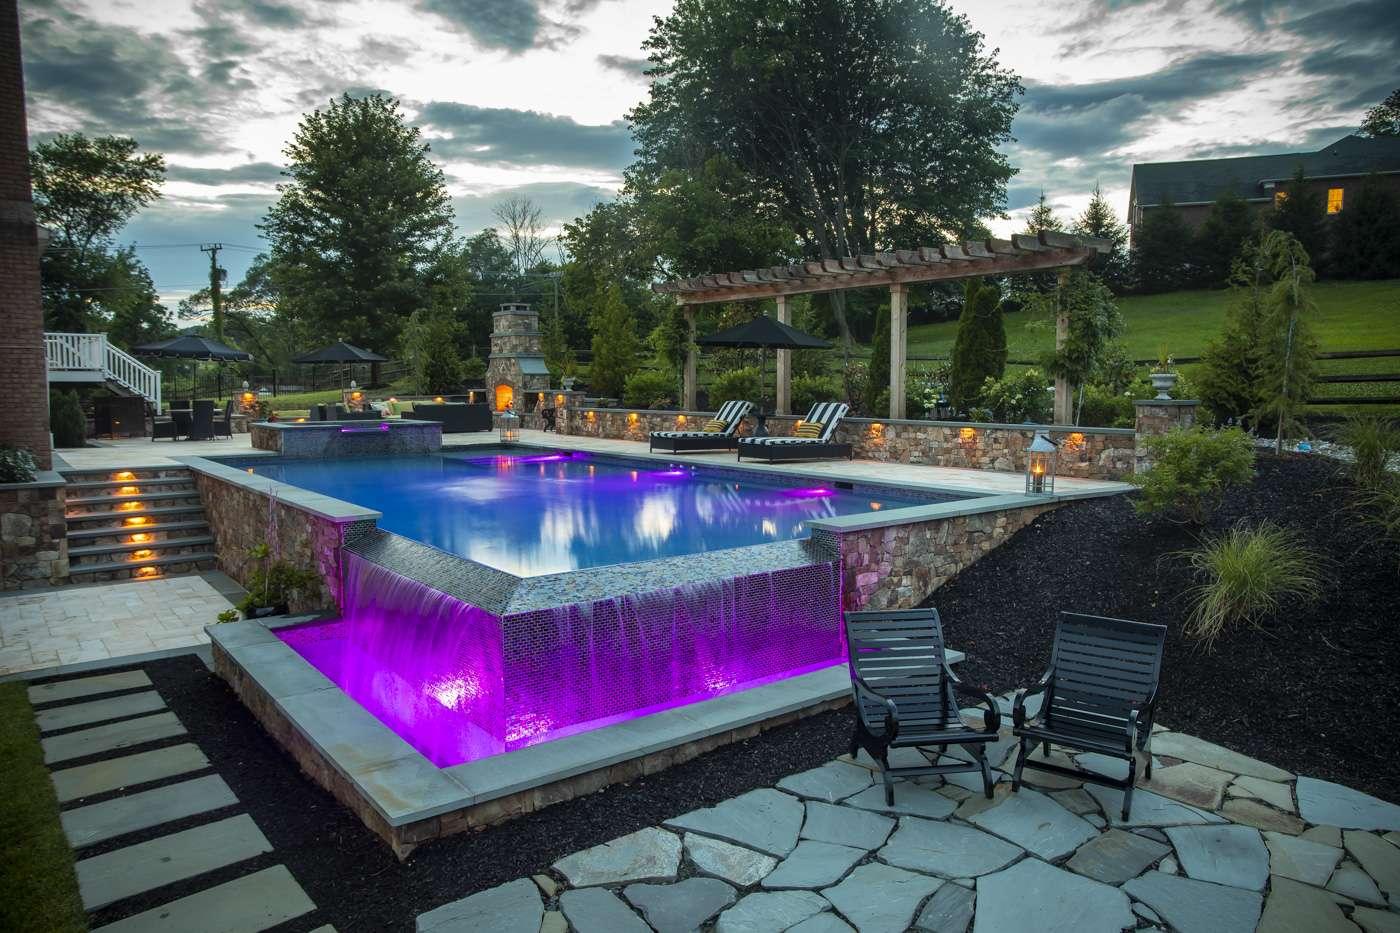 infinity edge pool with lighting